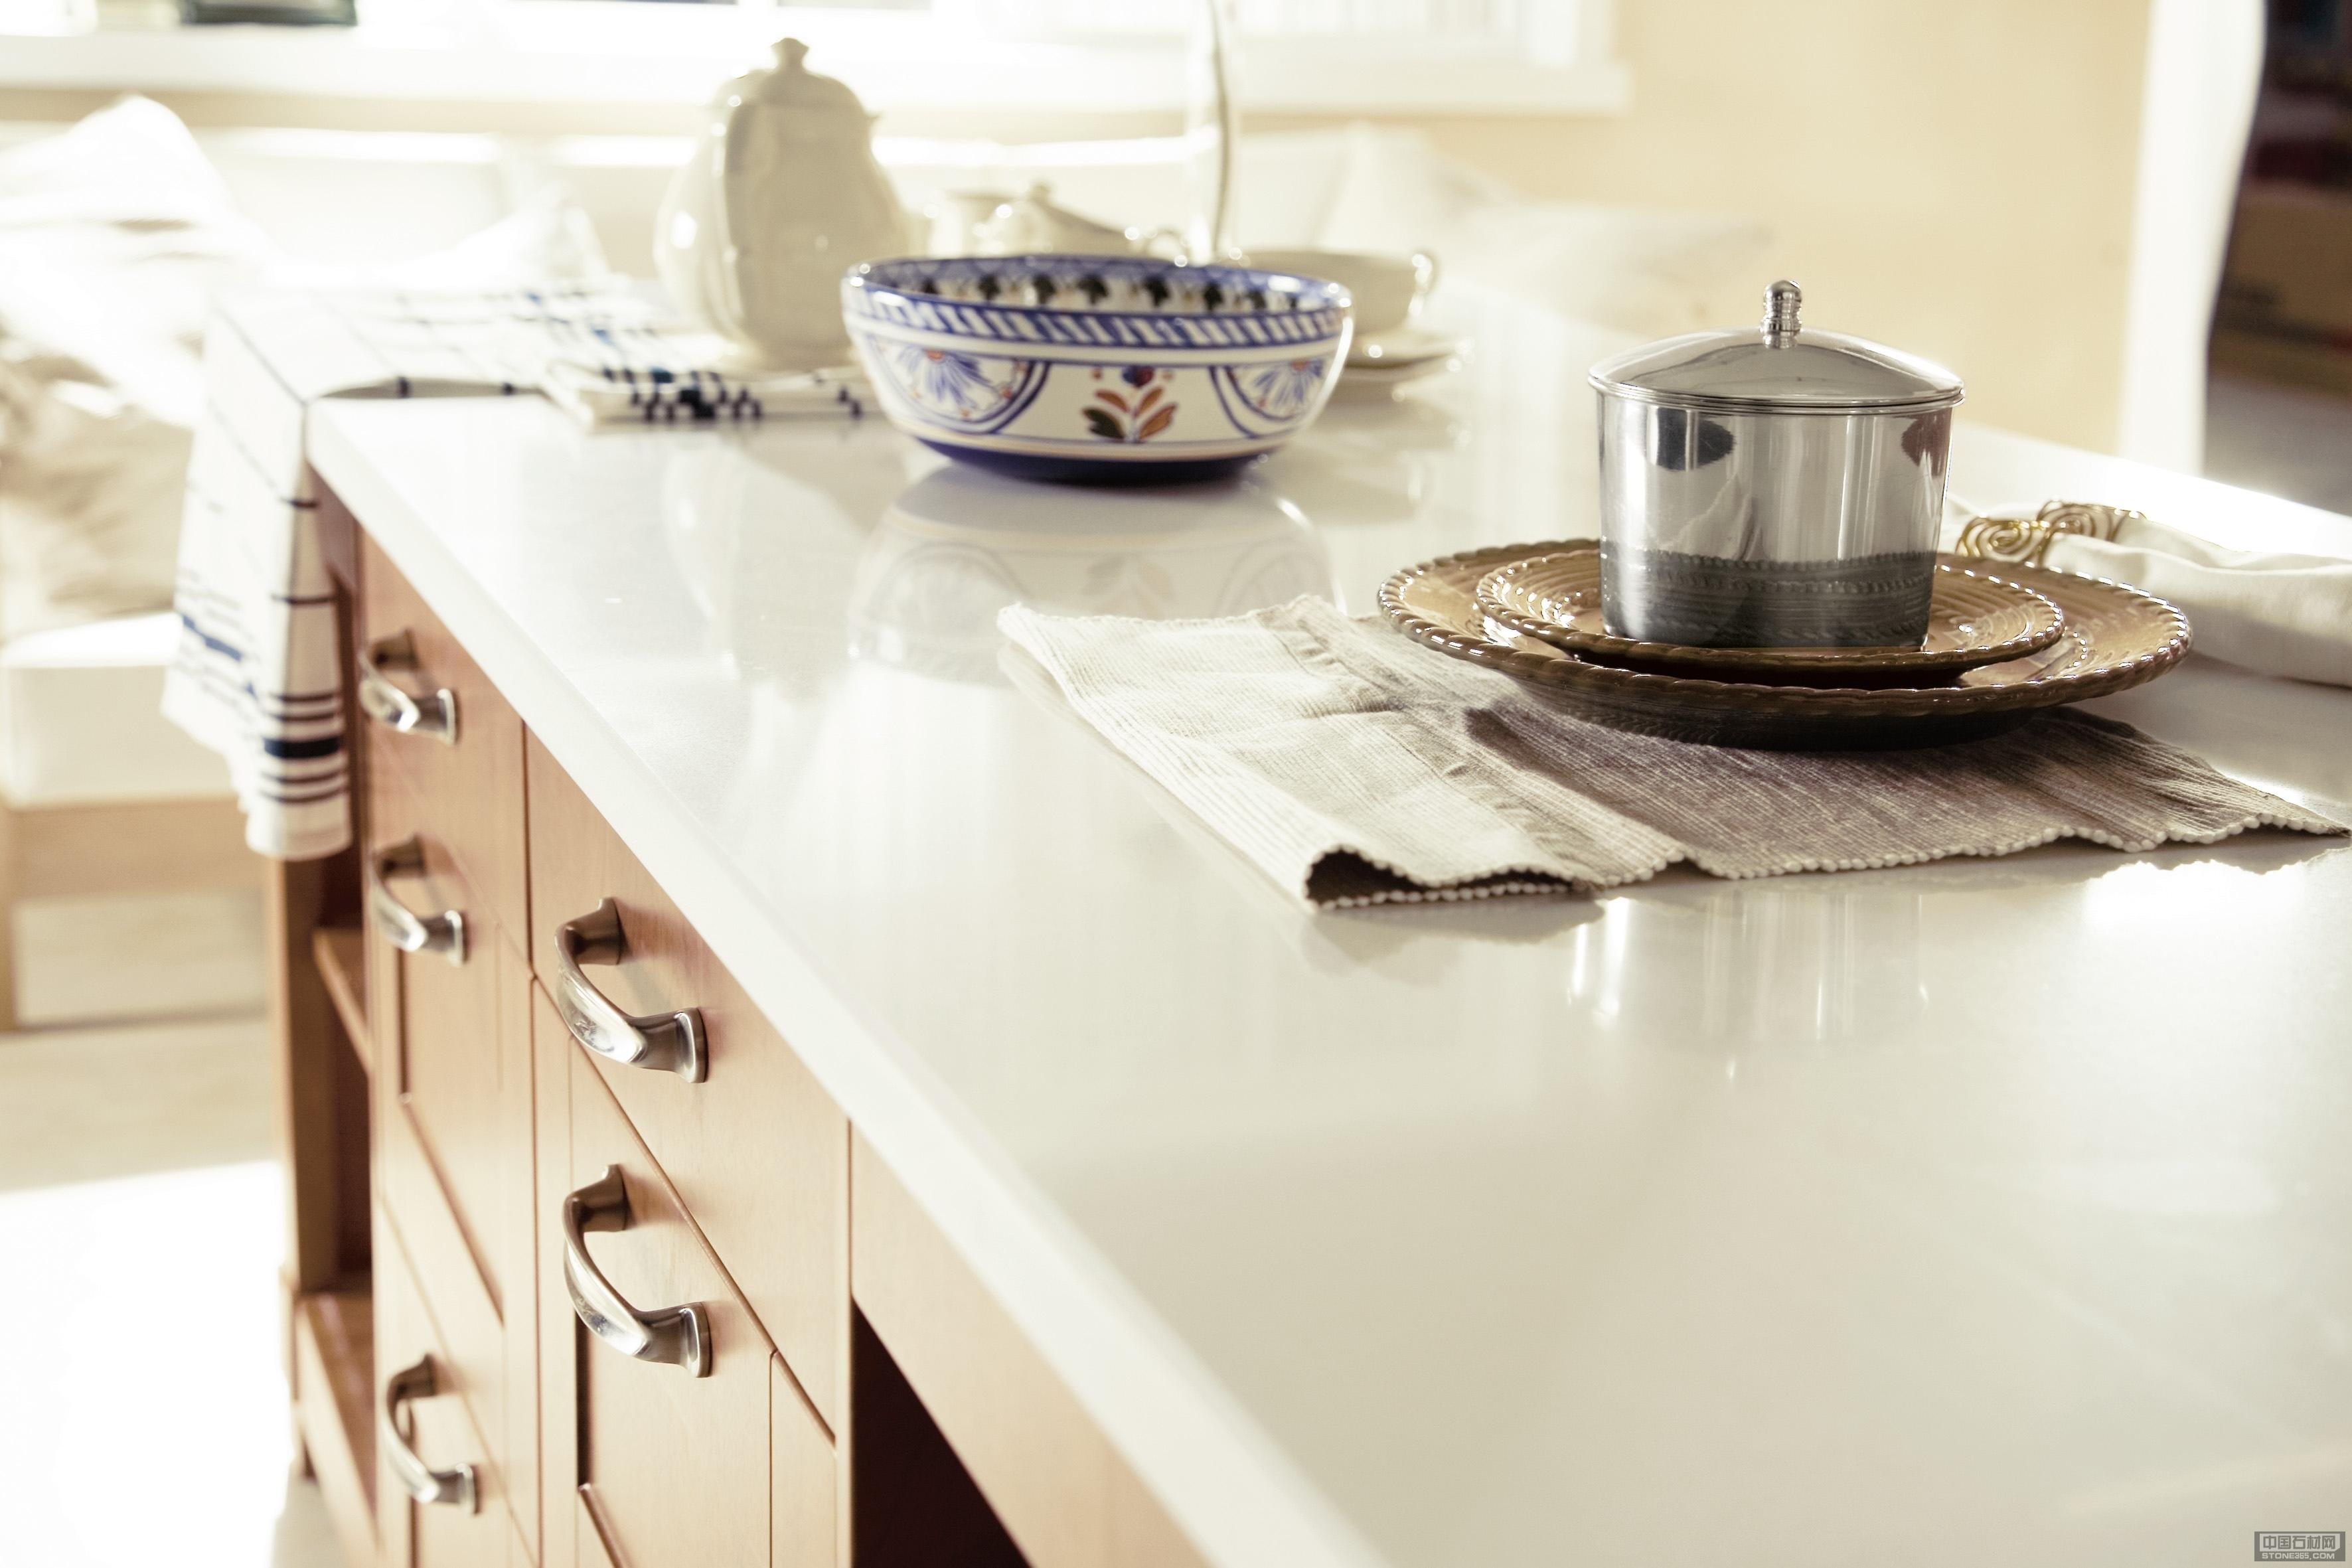 供应人造石厨房台面应用防污易清